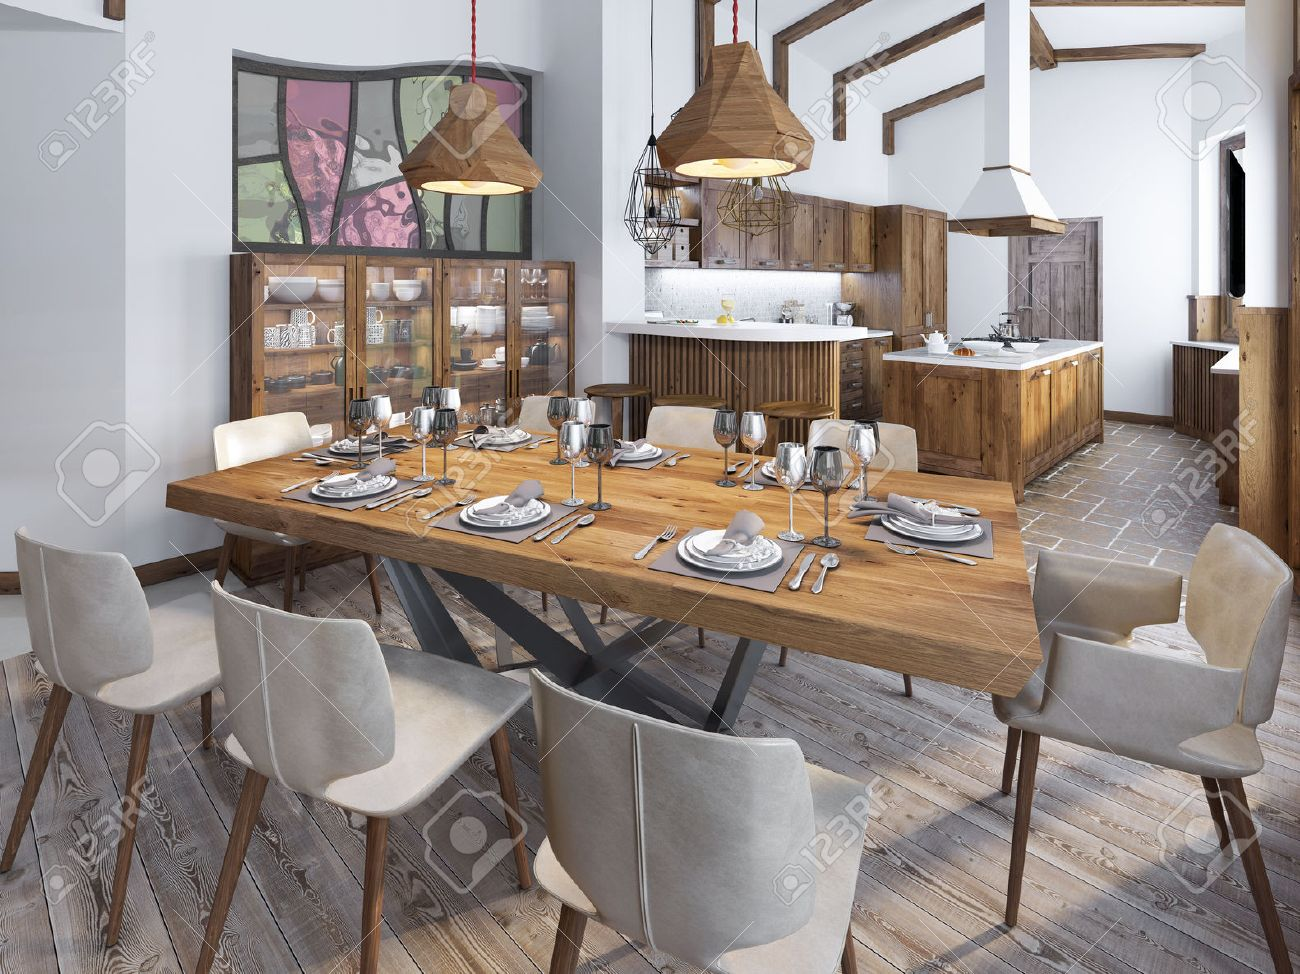 Moderne Kuche Und Esszimmer Auf Dem Dachboden Kuchenmobel Aus